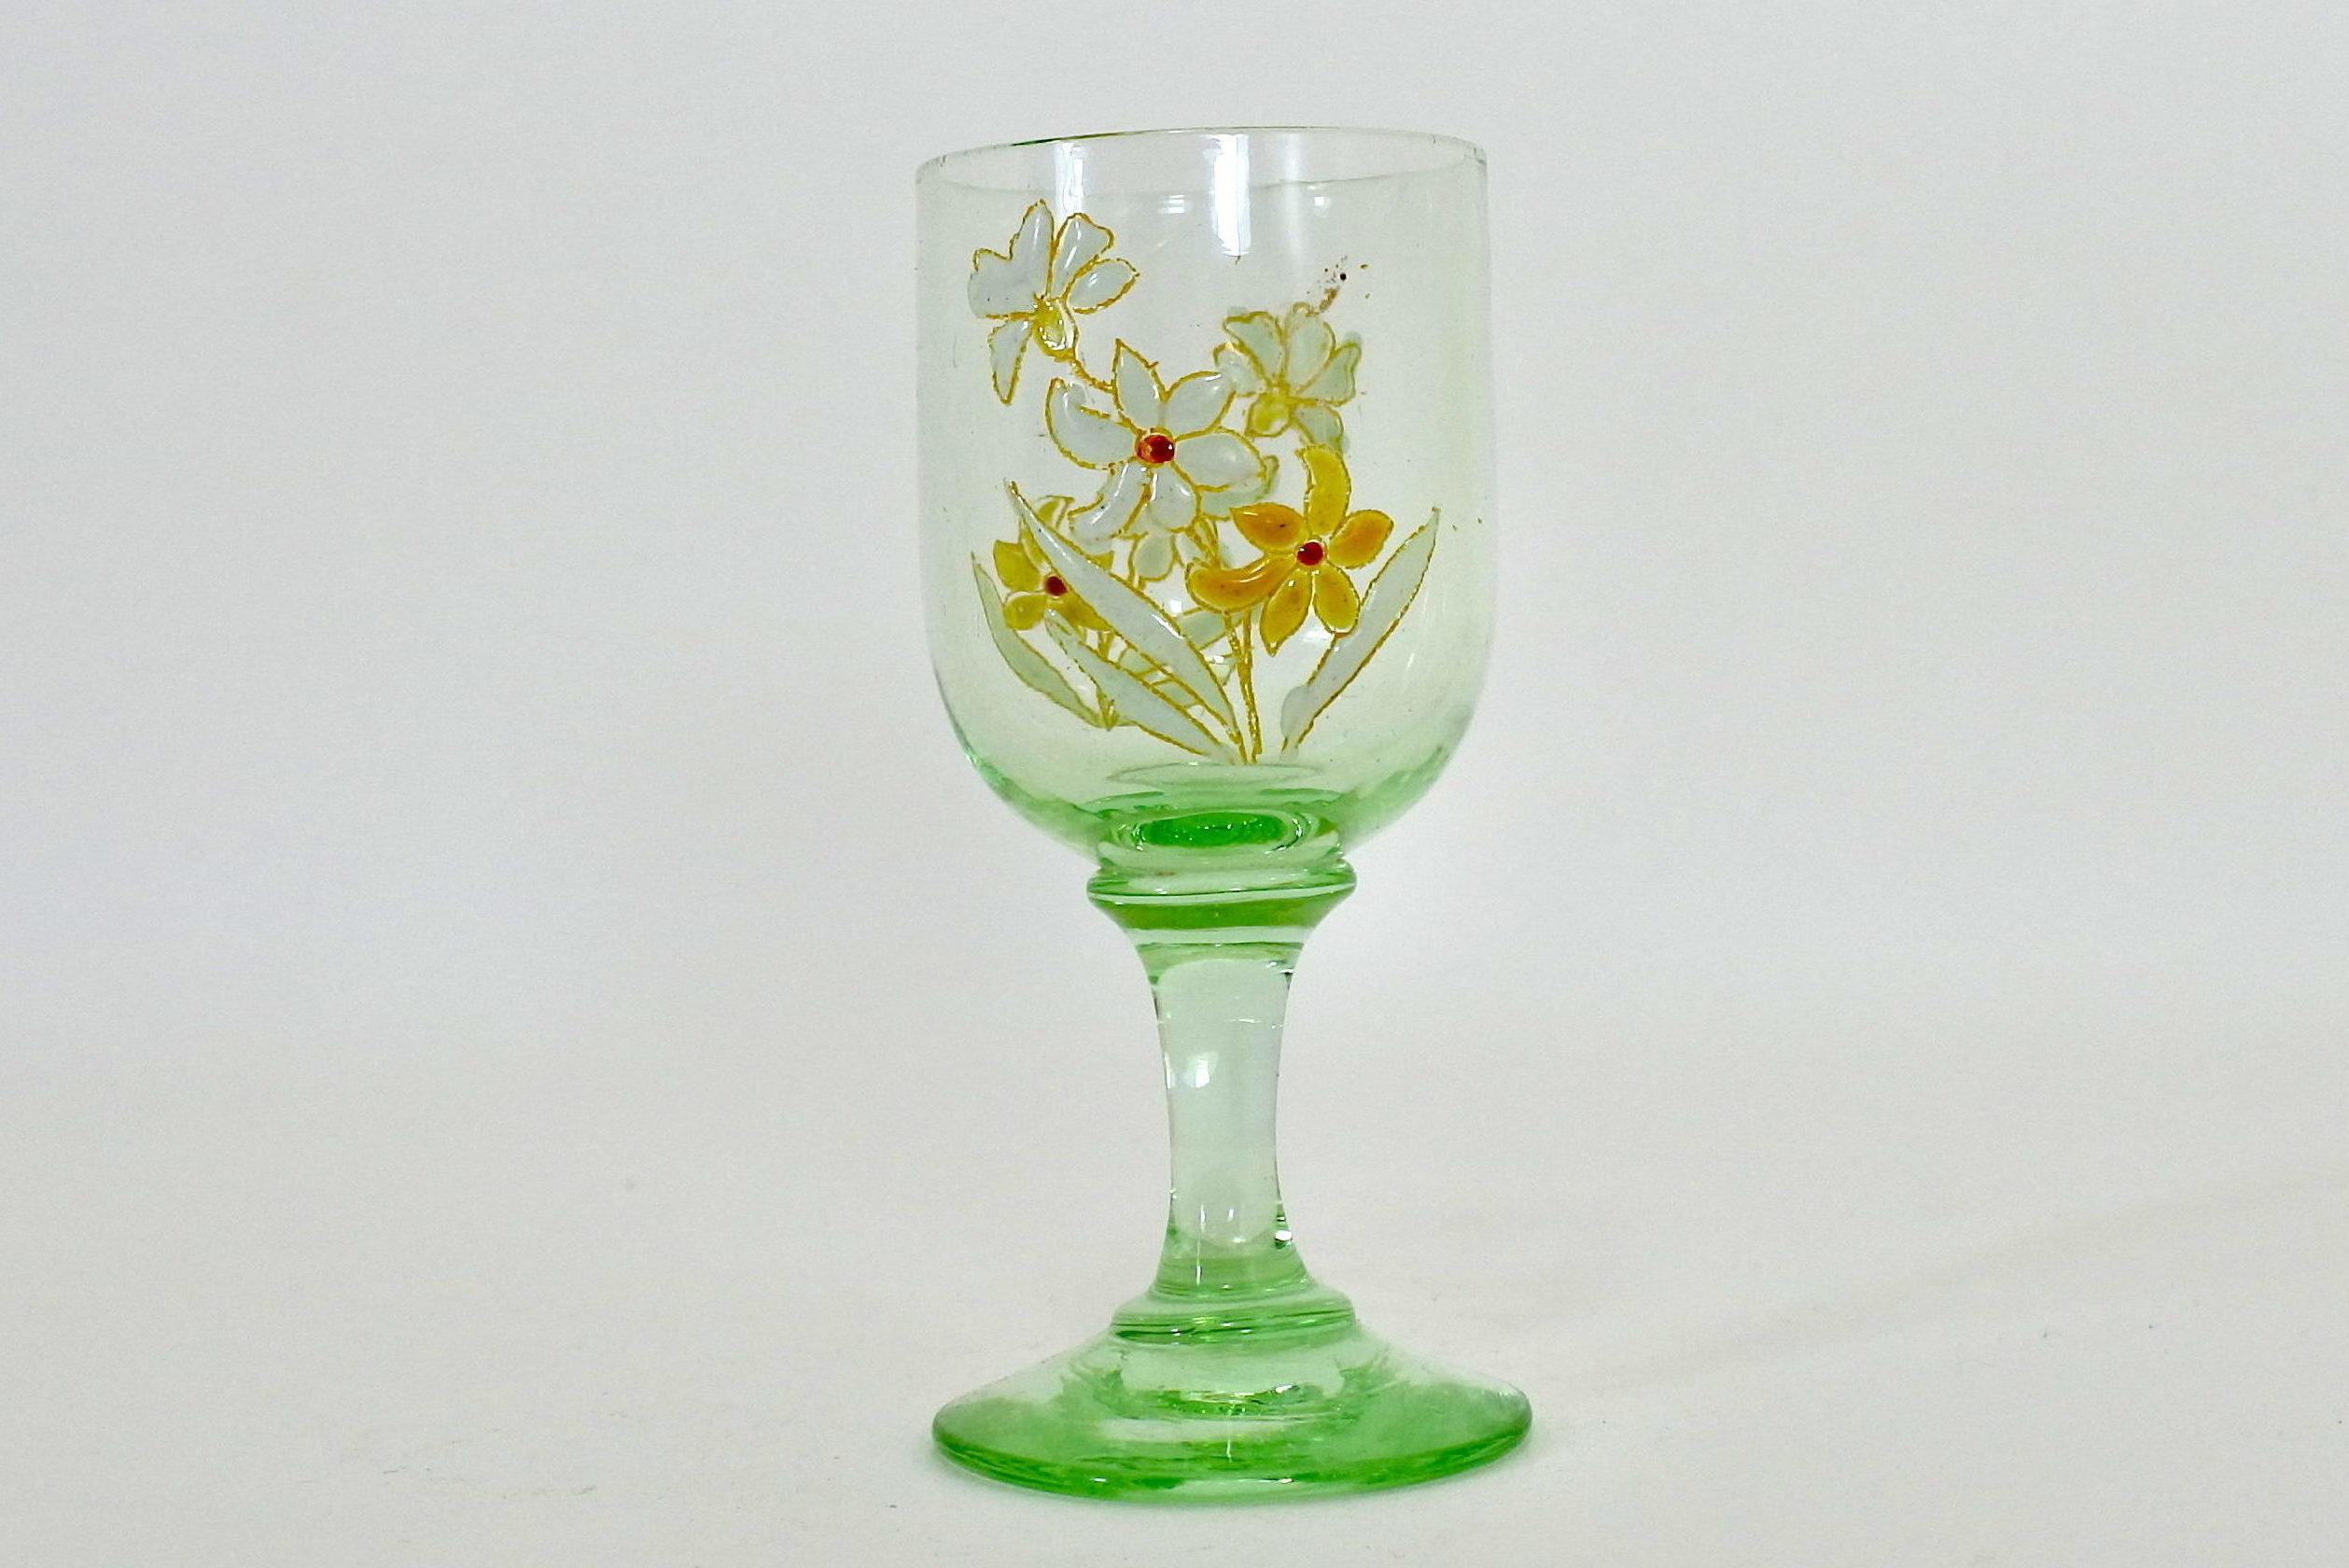 Bicchierino a calice in vetro soffiato e smalti con fiorellini - Altezza 8 cm